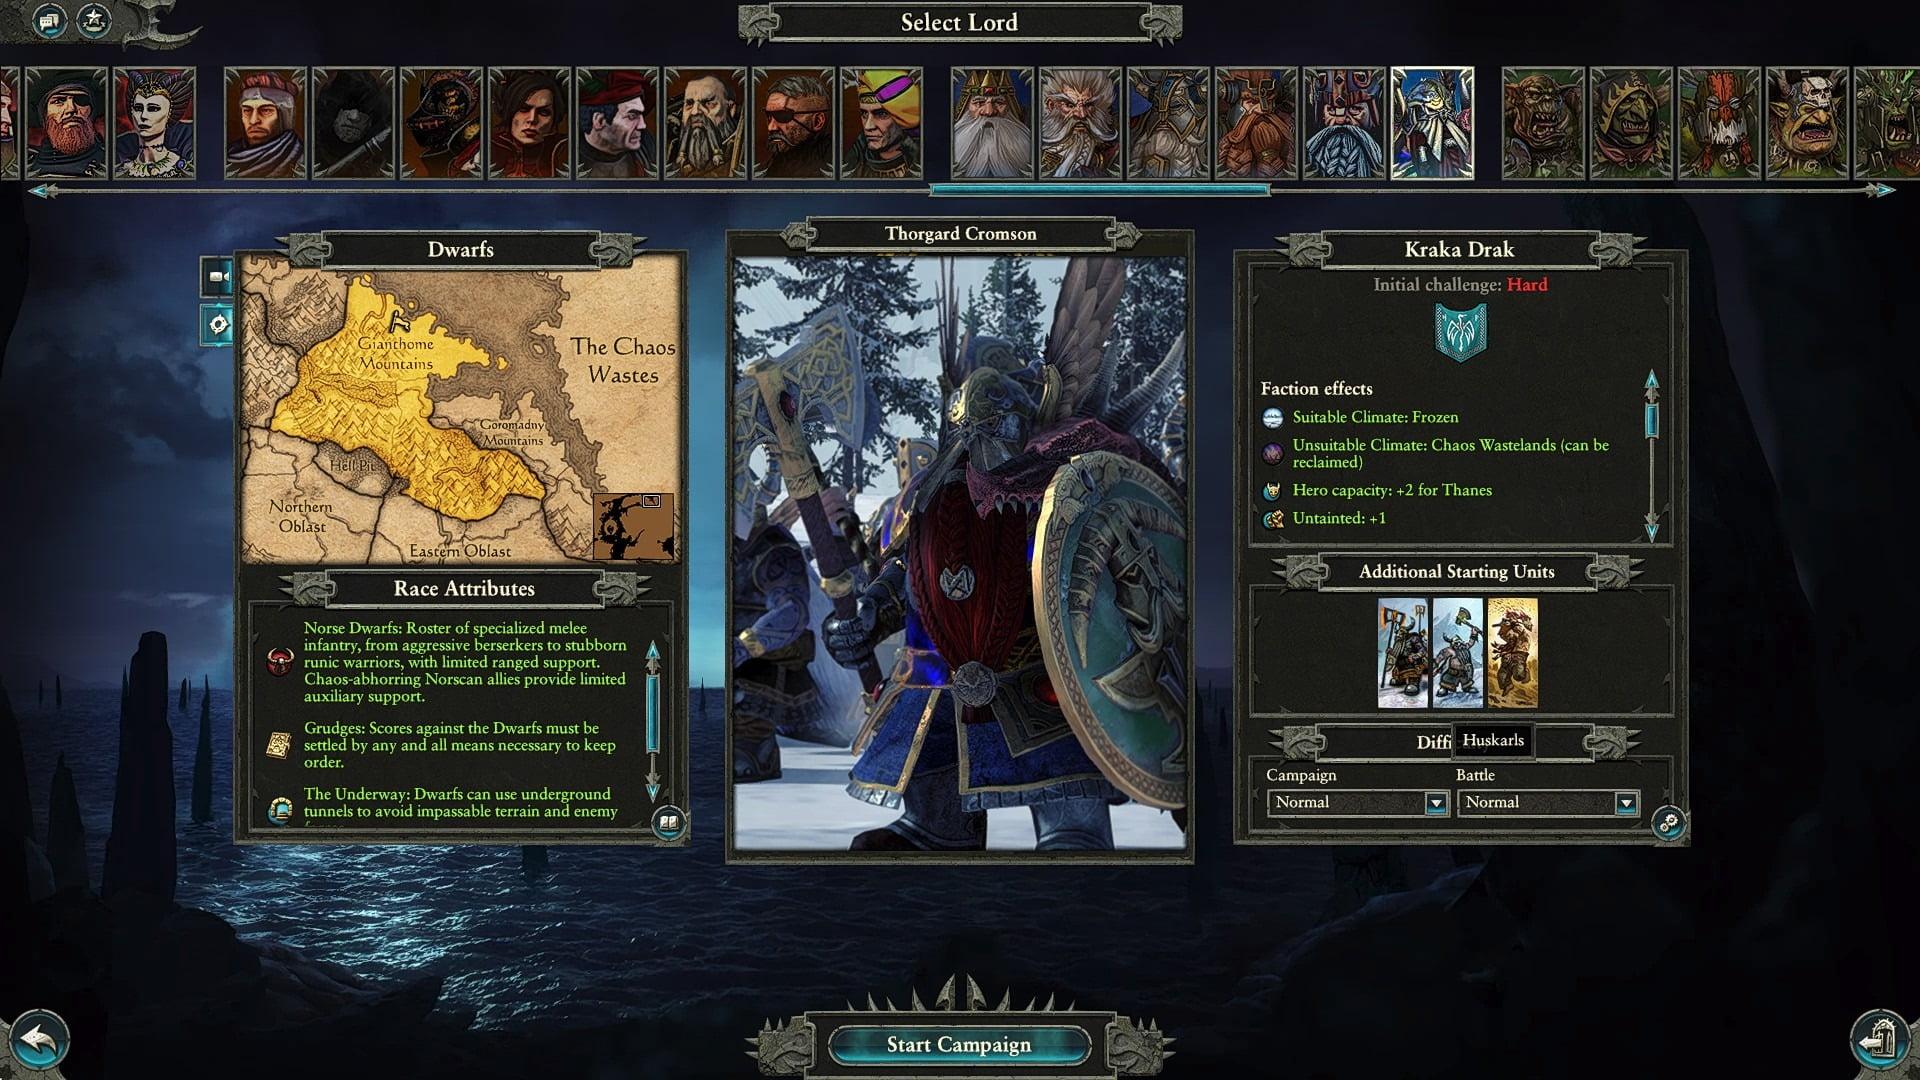 دانلود مد Cataph's Kraka Drak: the Norse Dwarfs برای بازی Total War: WARHAMMER II